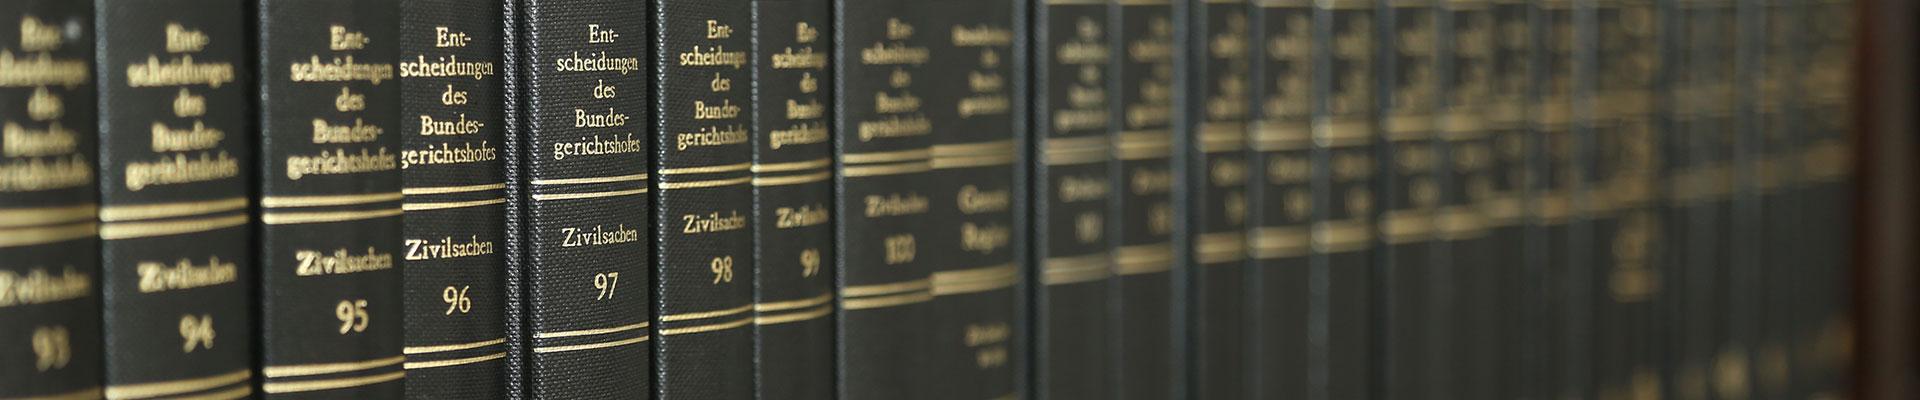 Leistungen beim Anwalt in Nienburg